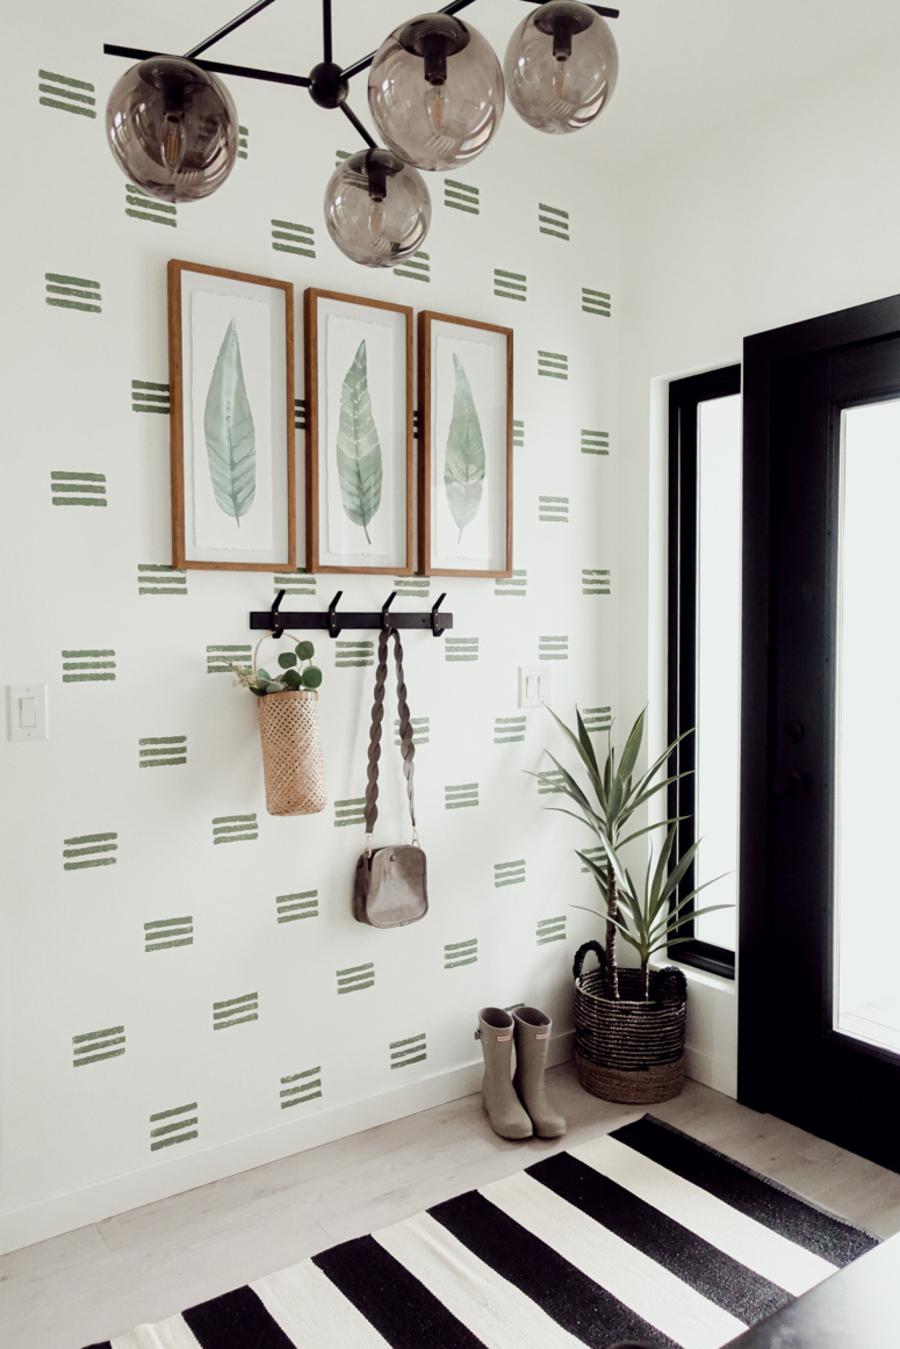 Pared decorada con stencils: pequeños patrones estampados.